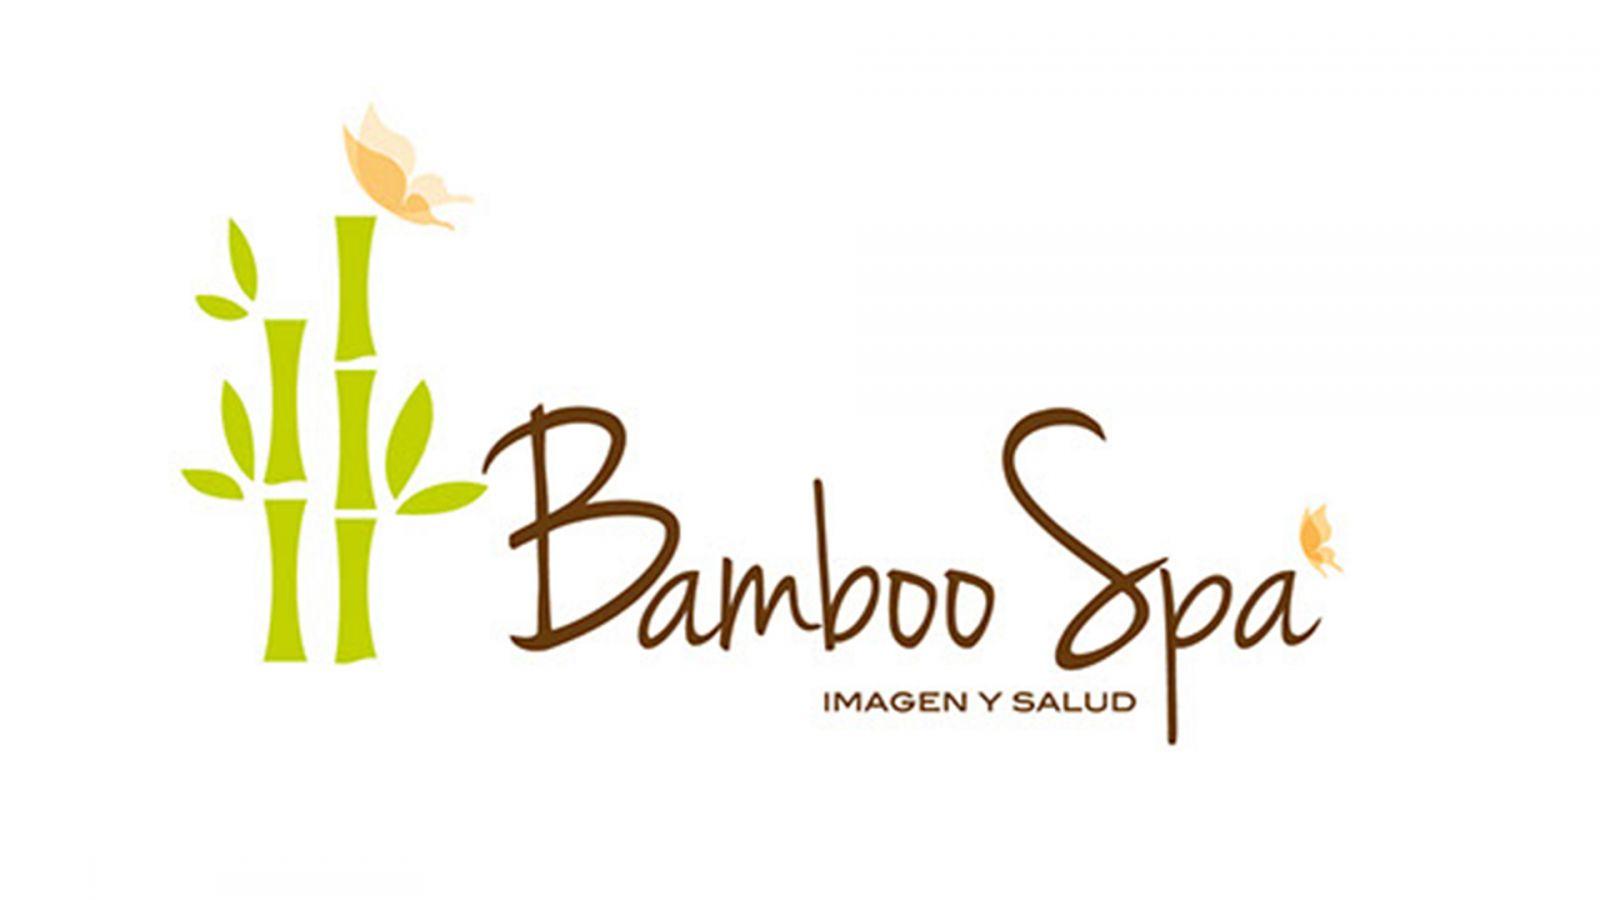 hầu hết các logo spa đều có đường nét nhẹ nhàng, mềm mại